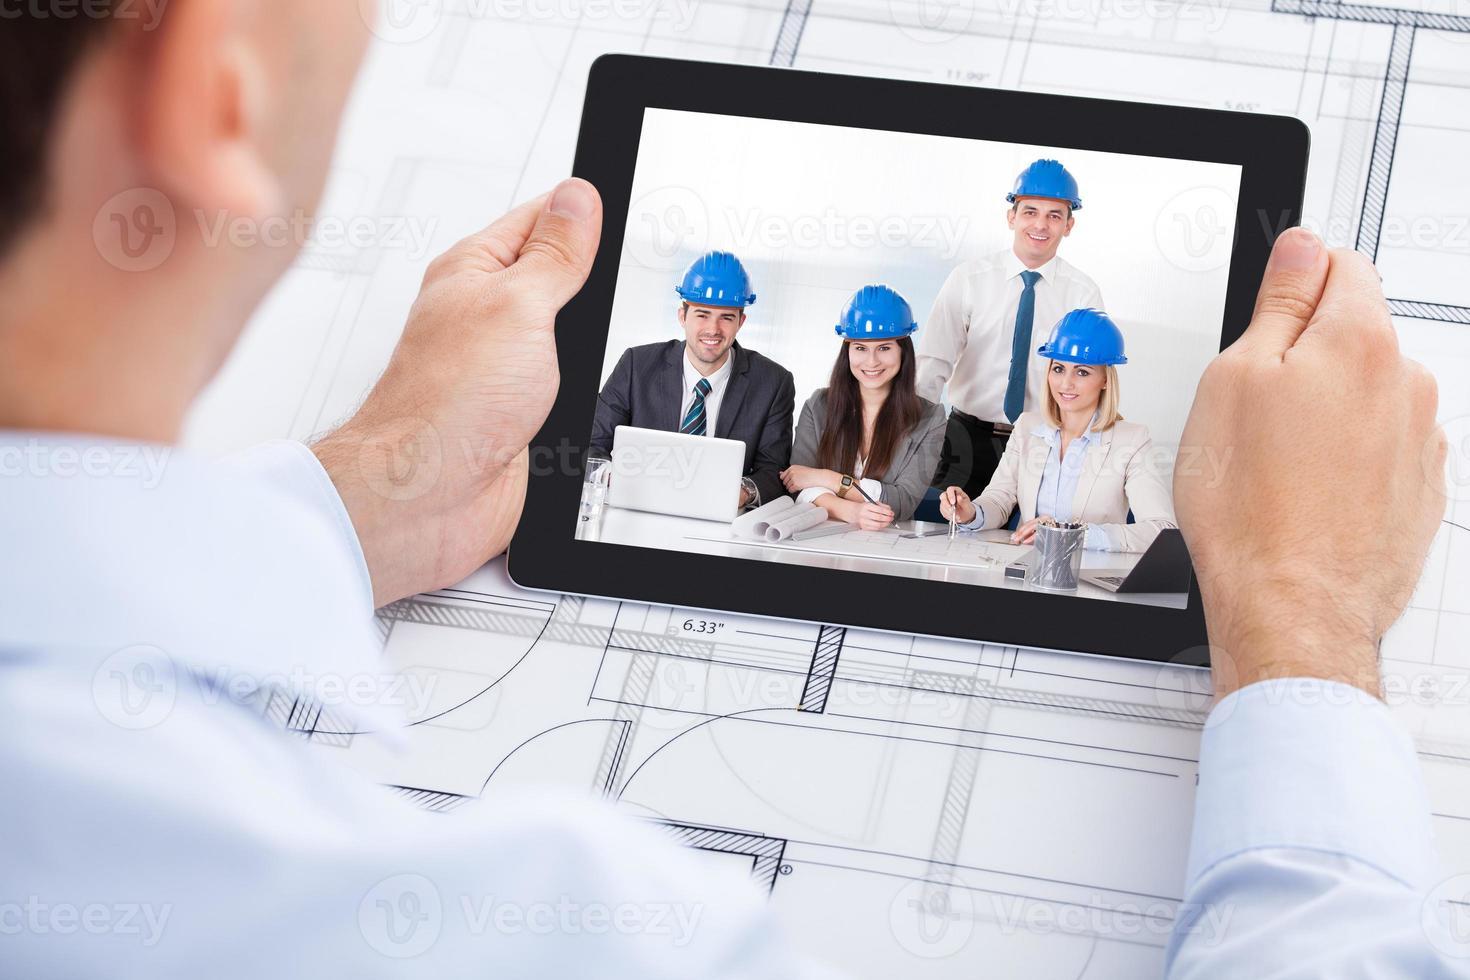 Architekt Videokonferenzen mit Team über digitales Tablet foto